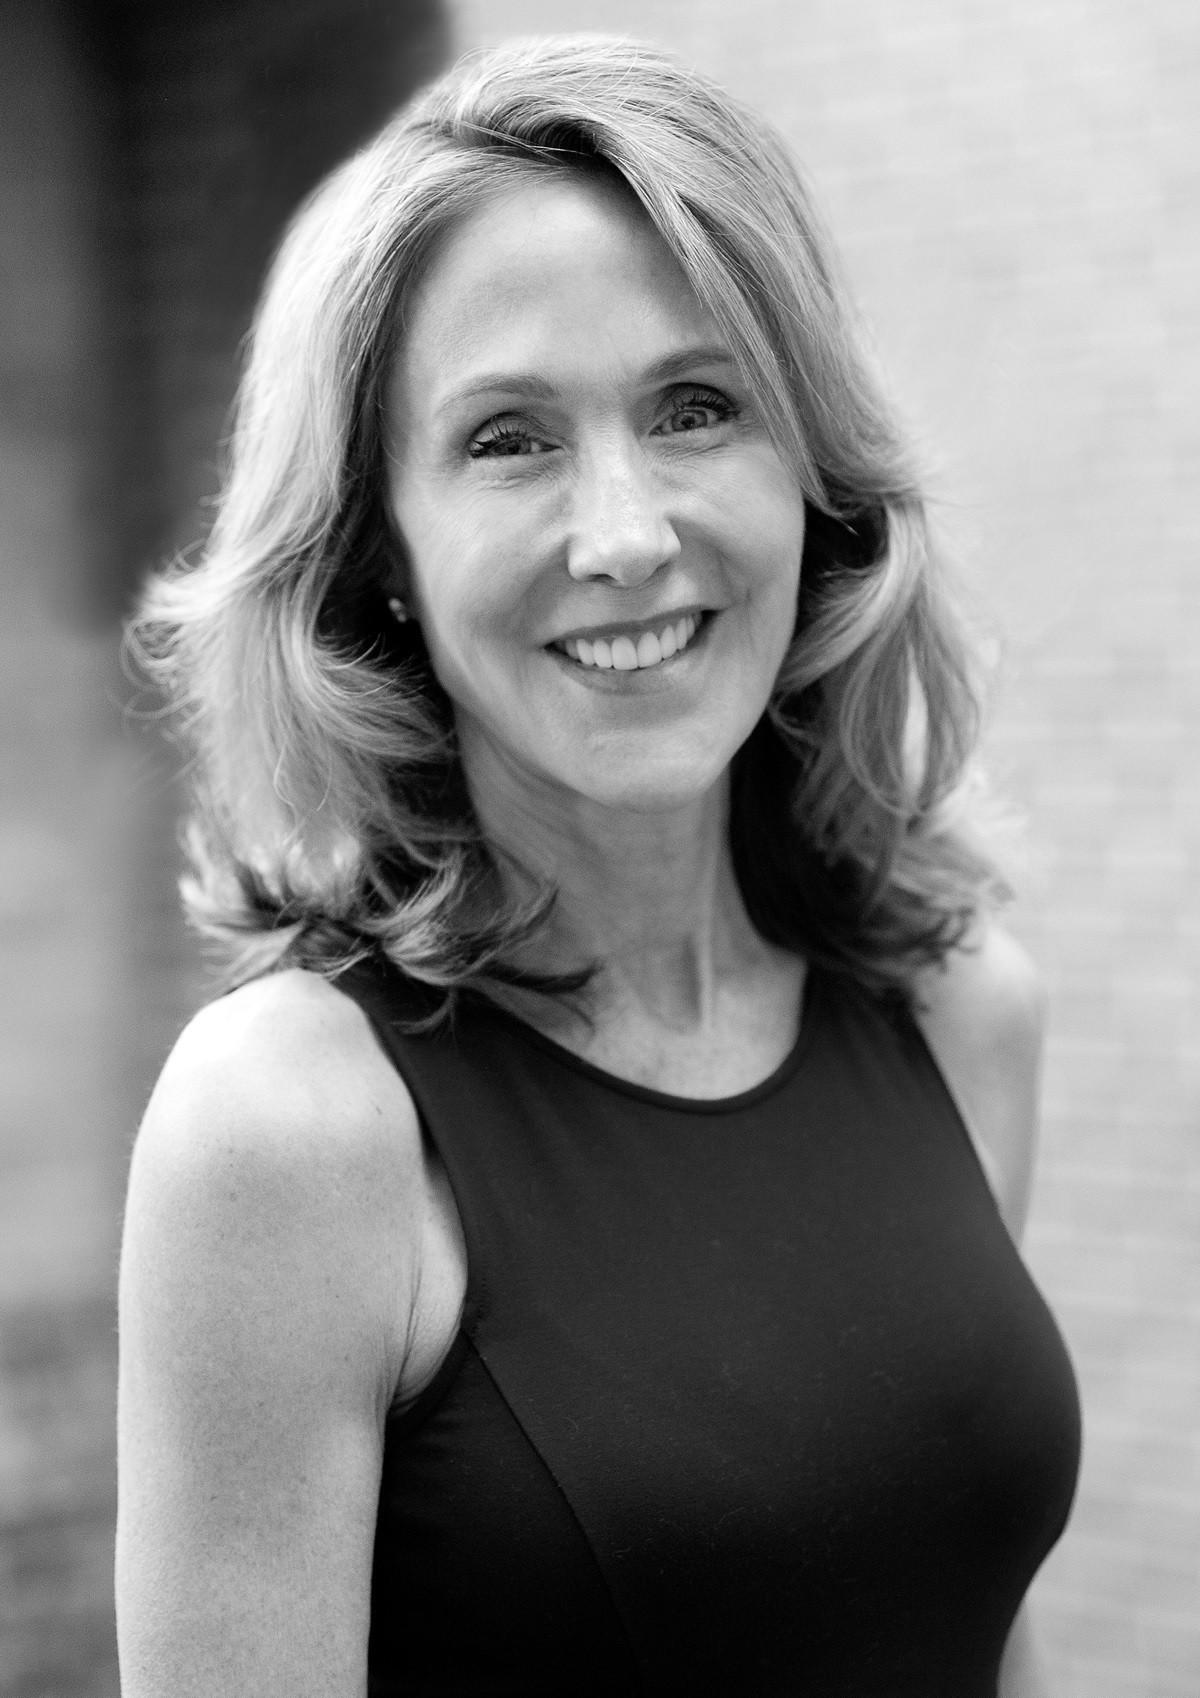 Dr. Jennifer Biglow